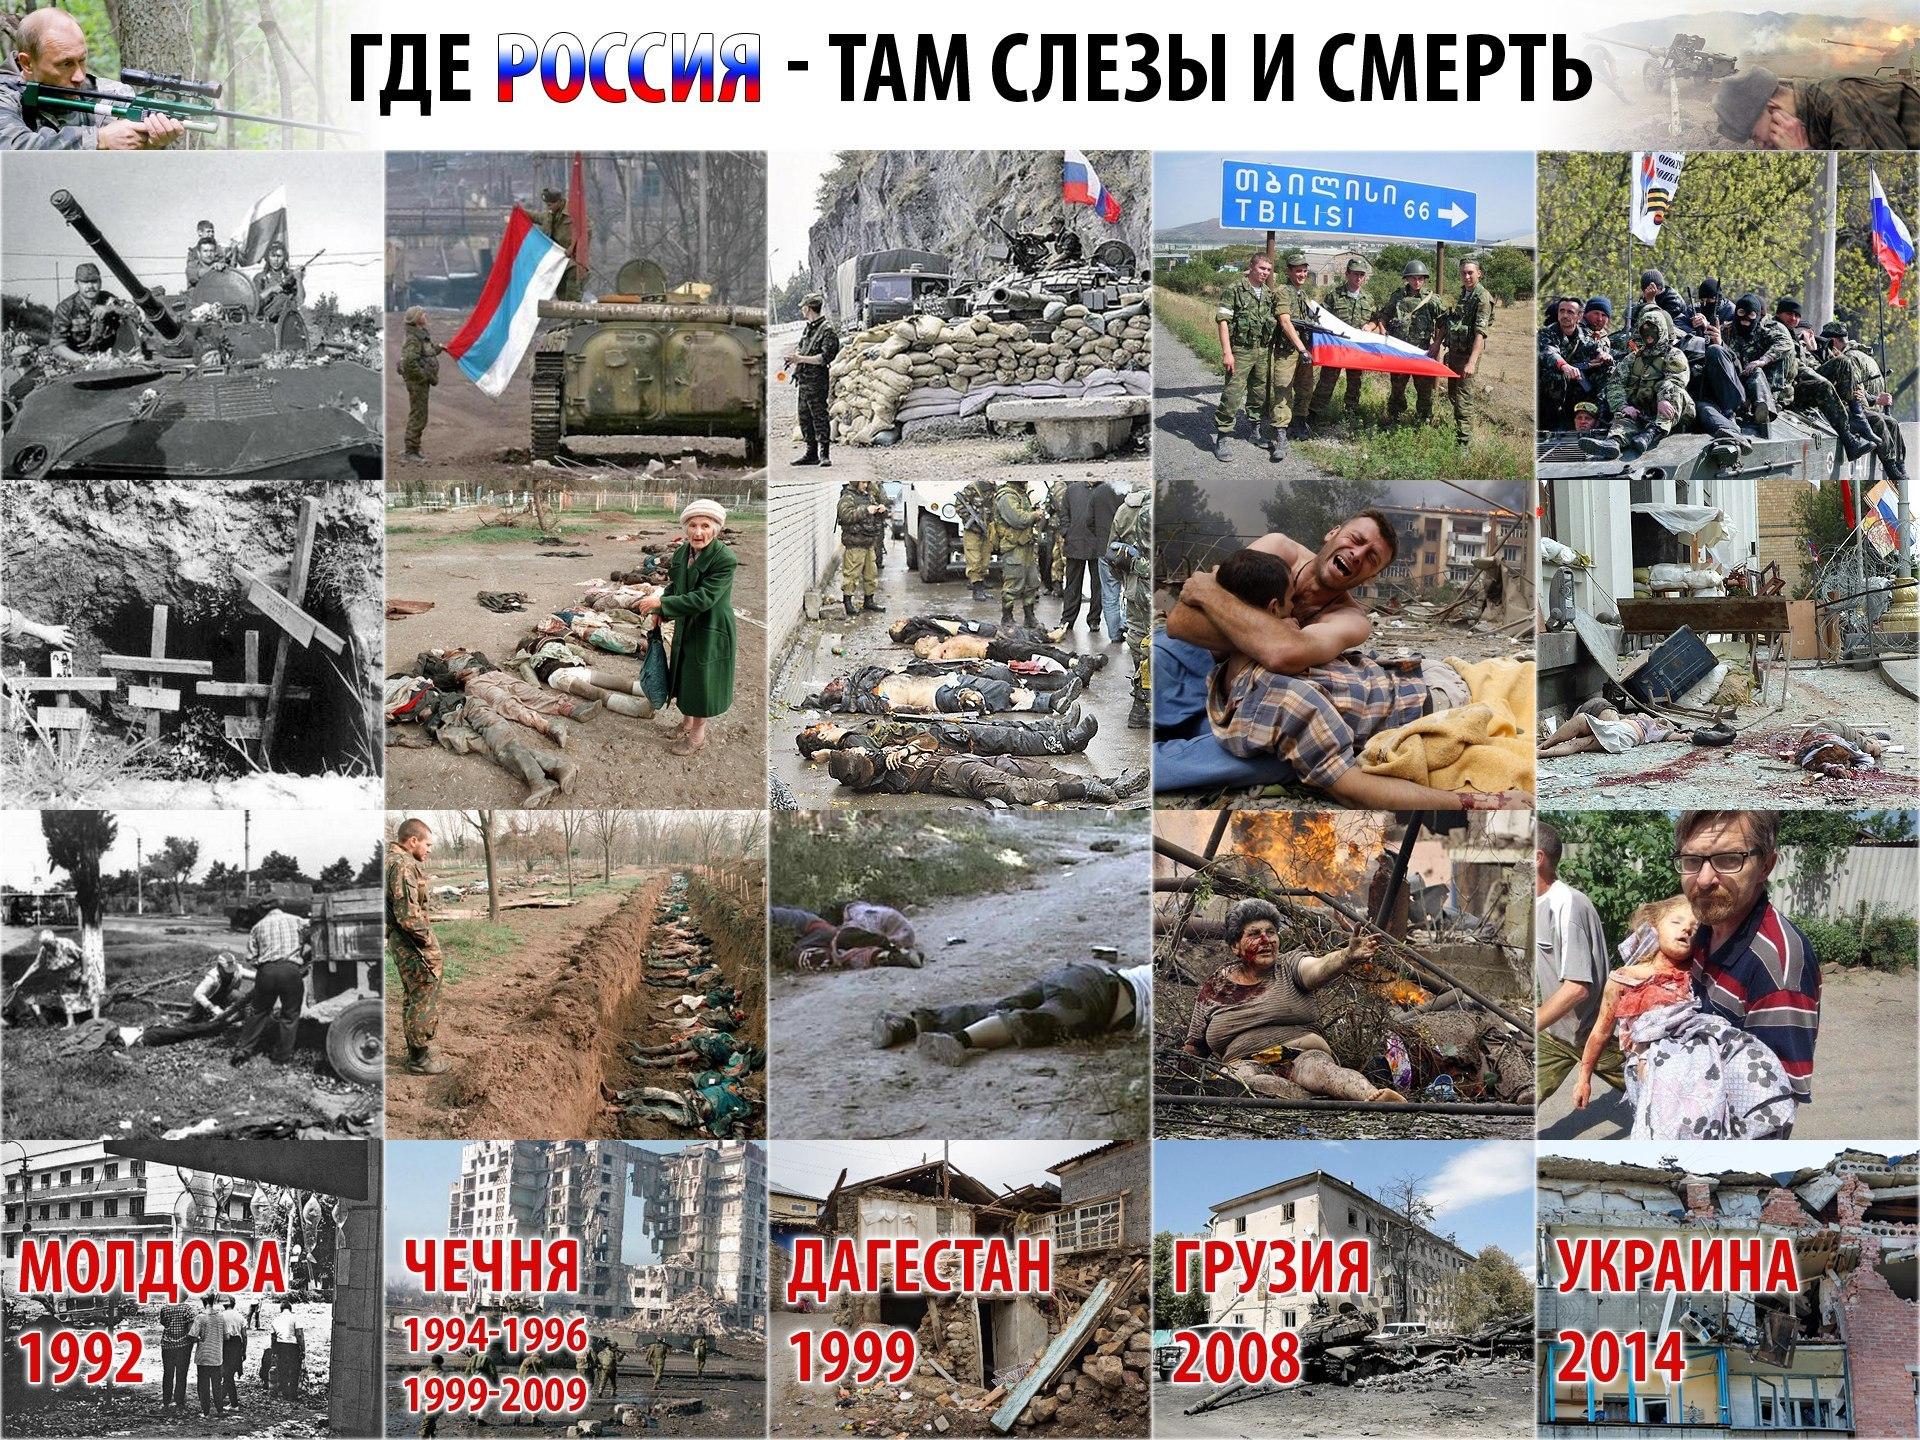 Миссия ОБСЕ на востоке Украины будет расширена, - Хуг - Цензор.НЕТ 5648